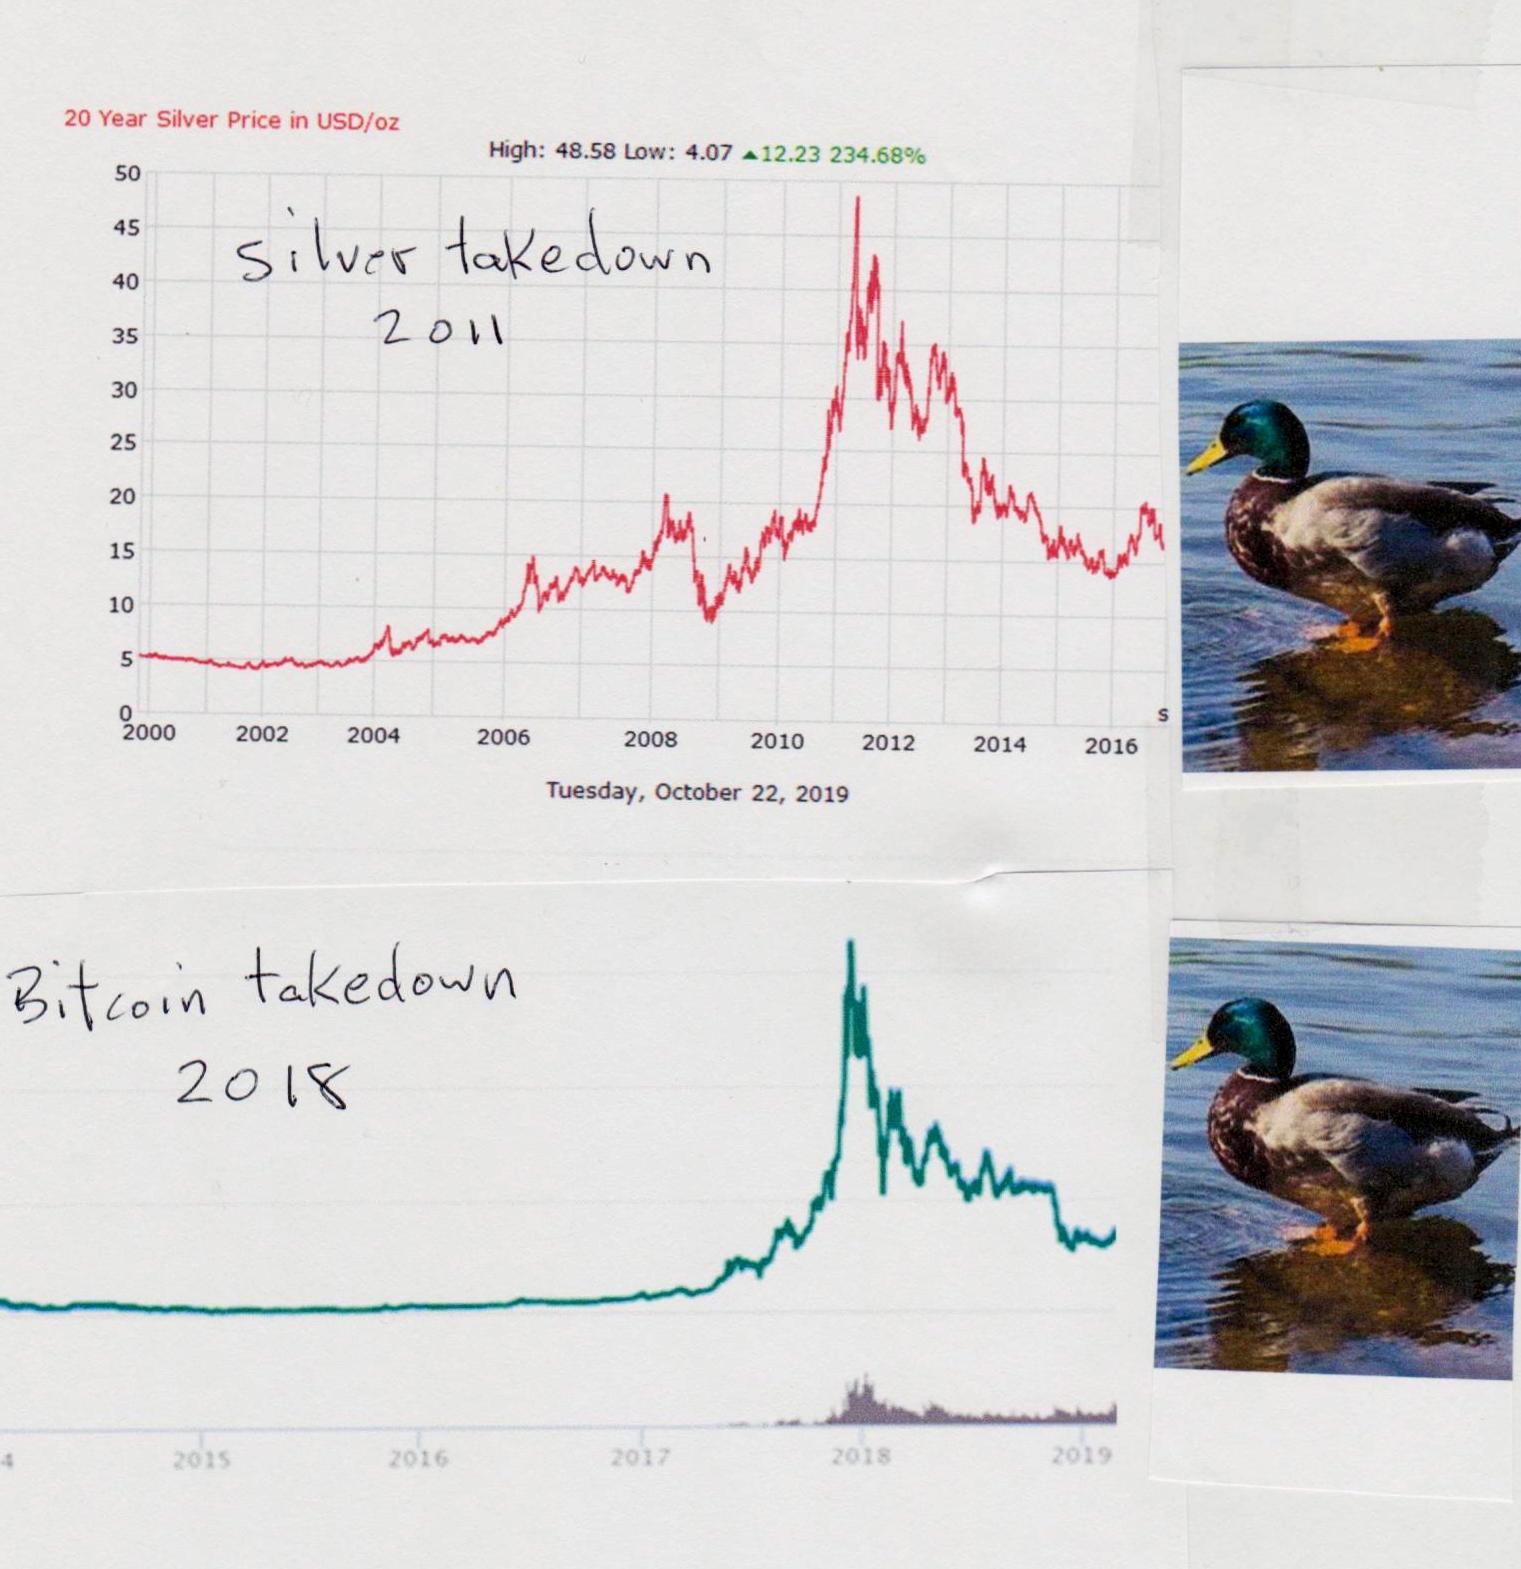 http://news.goldseek.com/2019/bitcoinsilver.png